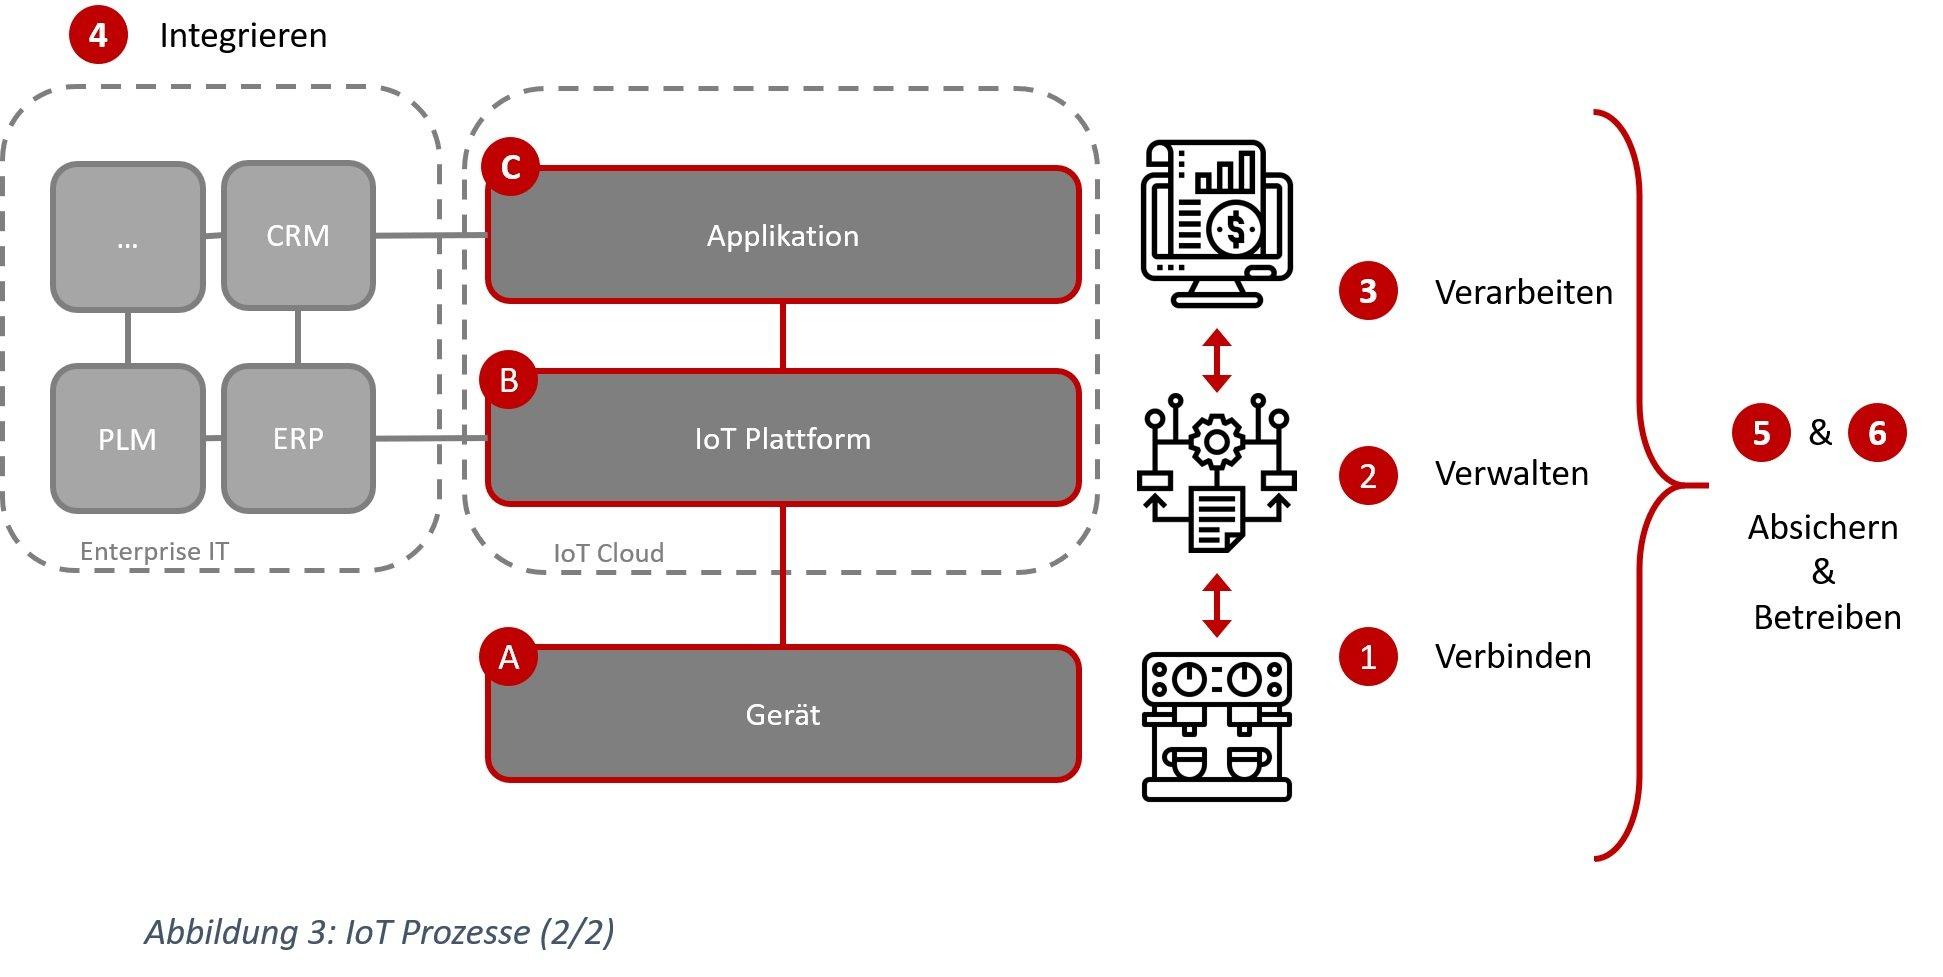 IoT Prozesse - Verbinden, Verwalten, Verarbeiten, Absichern und Betreiben